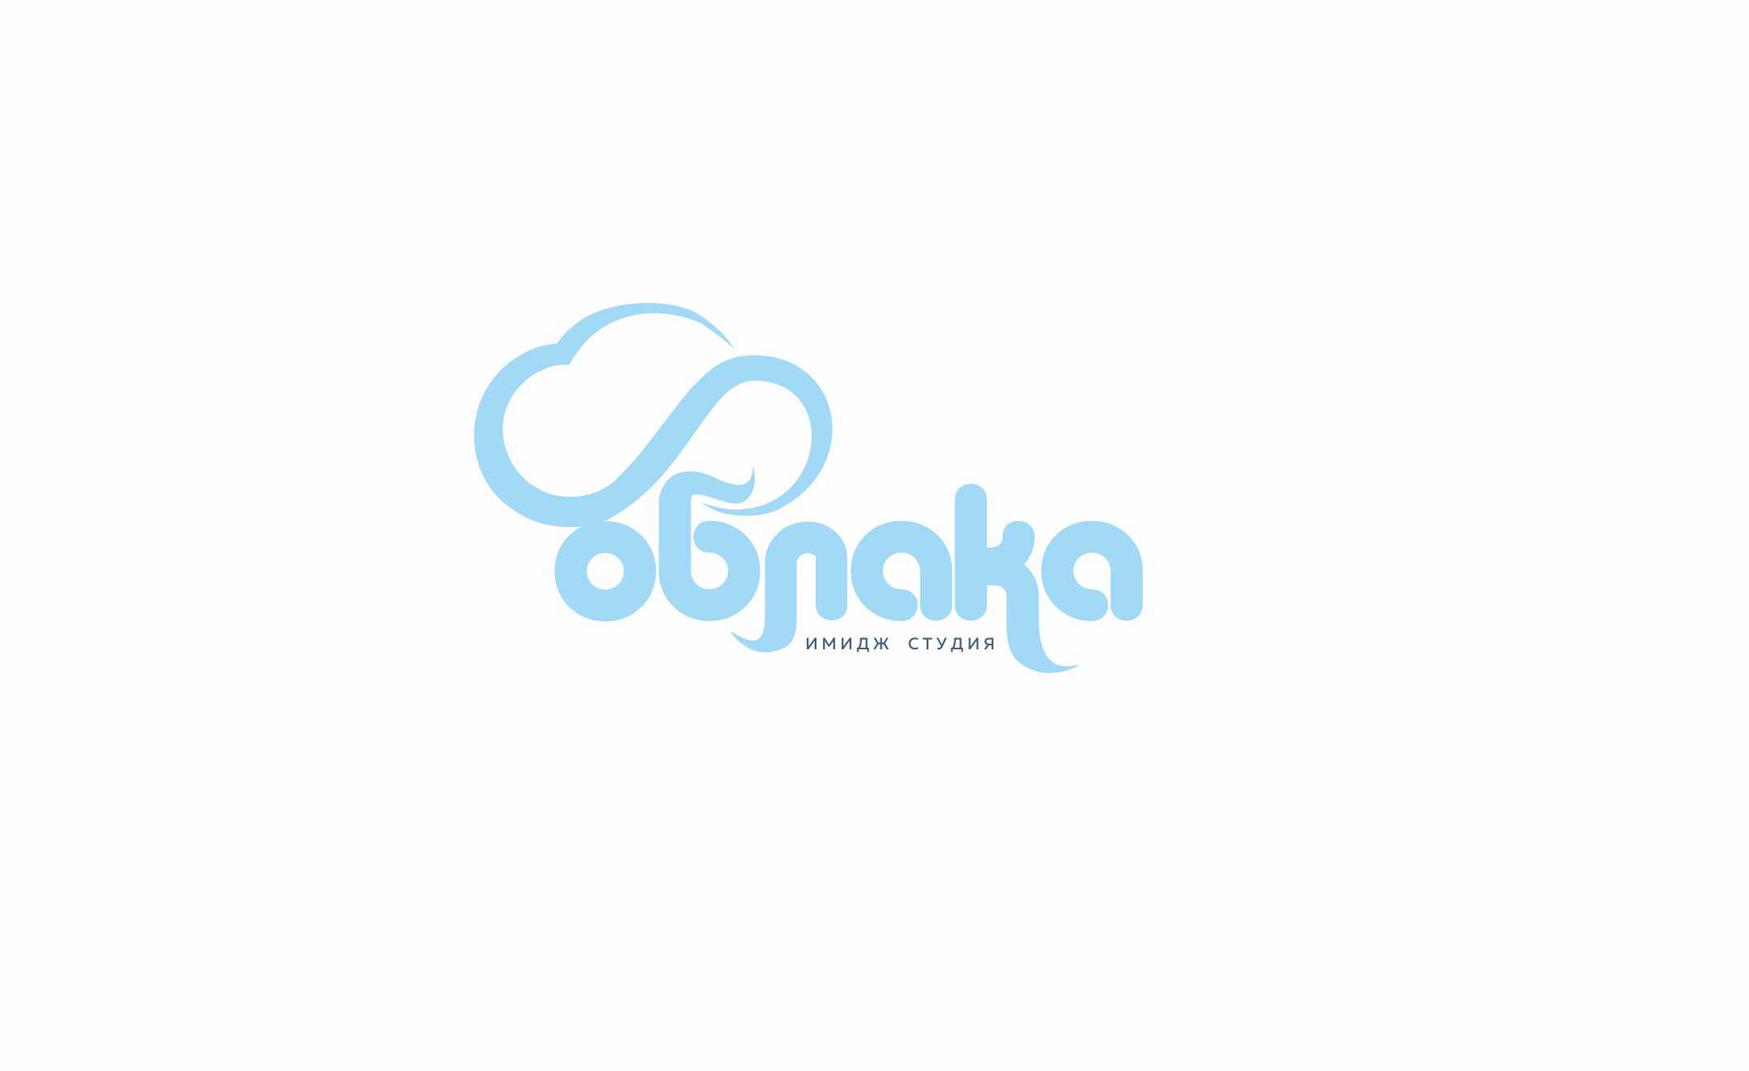 айдентика логотип облака